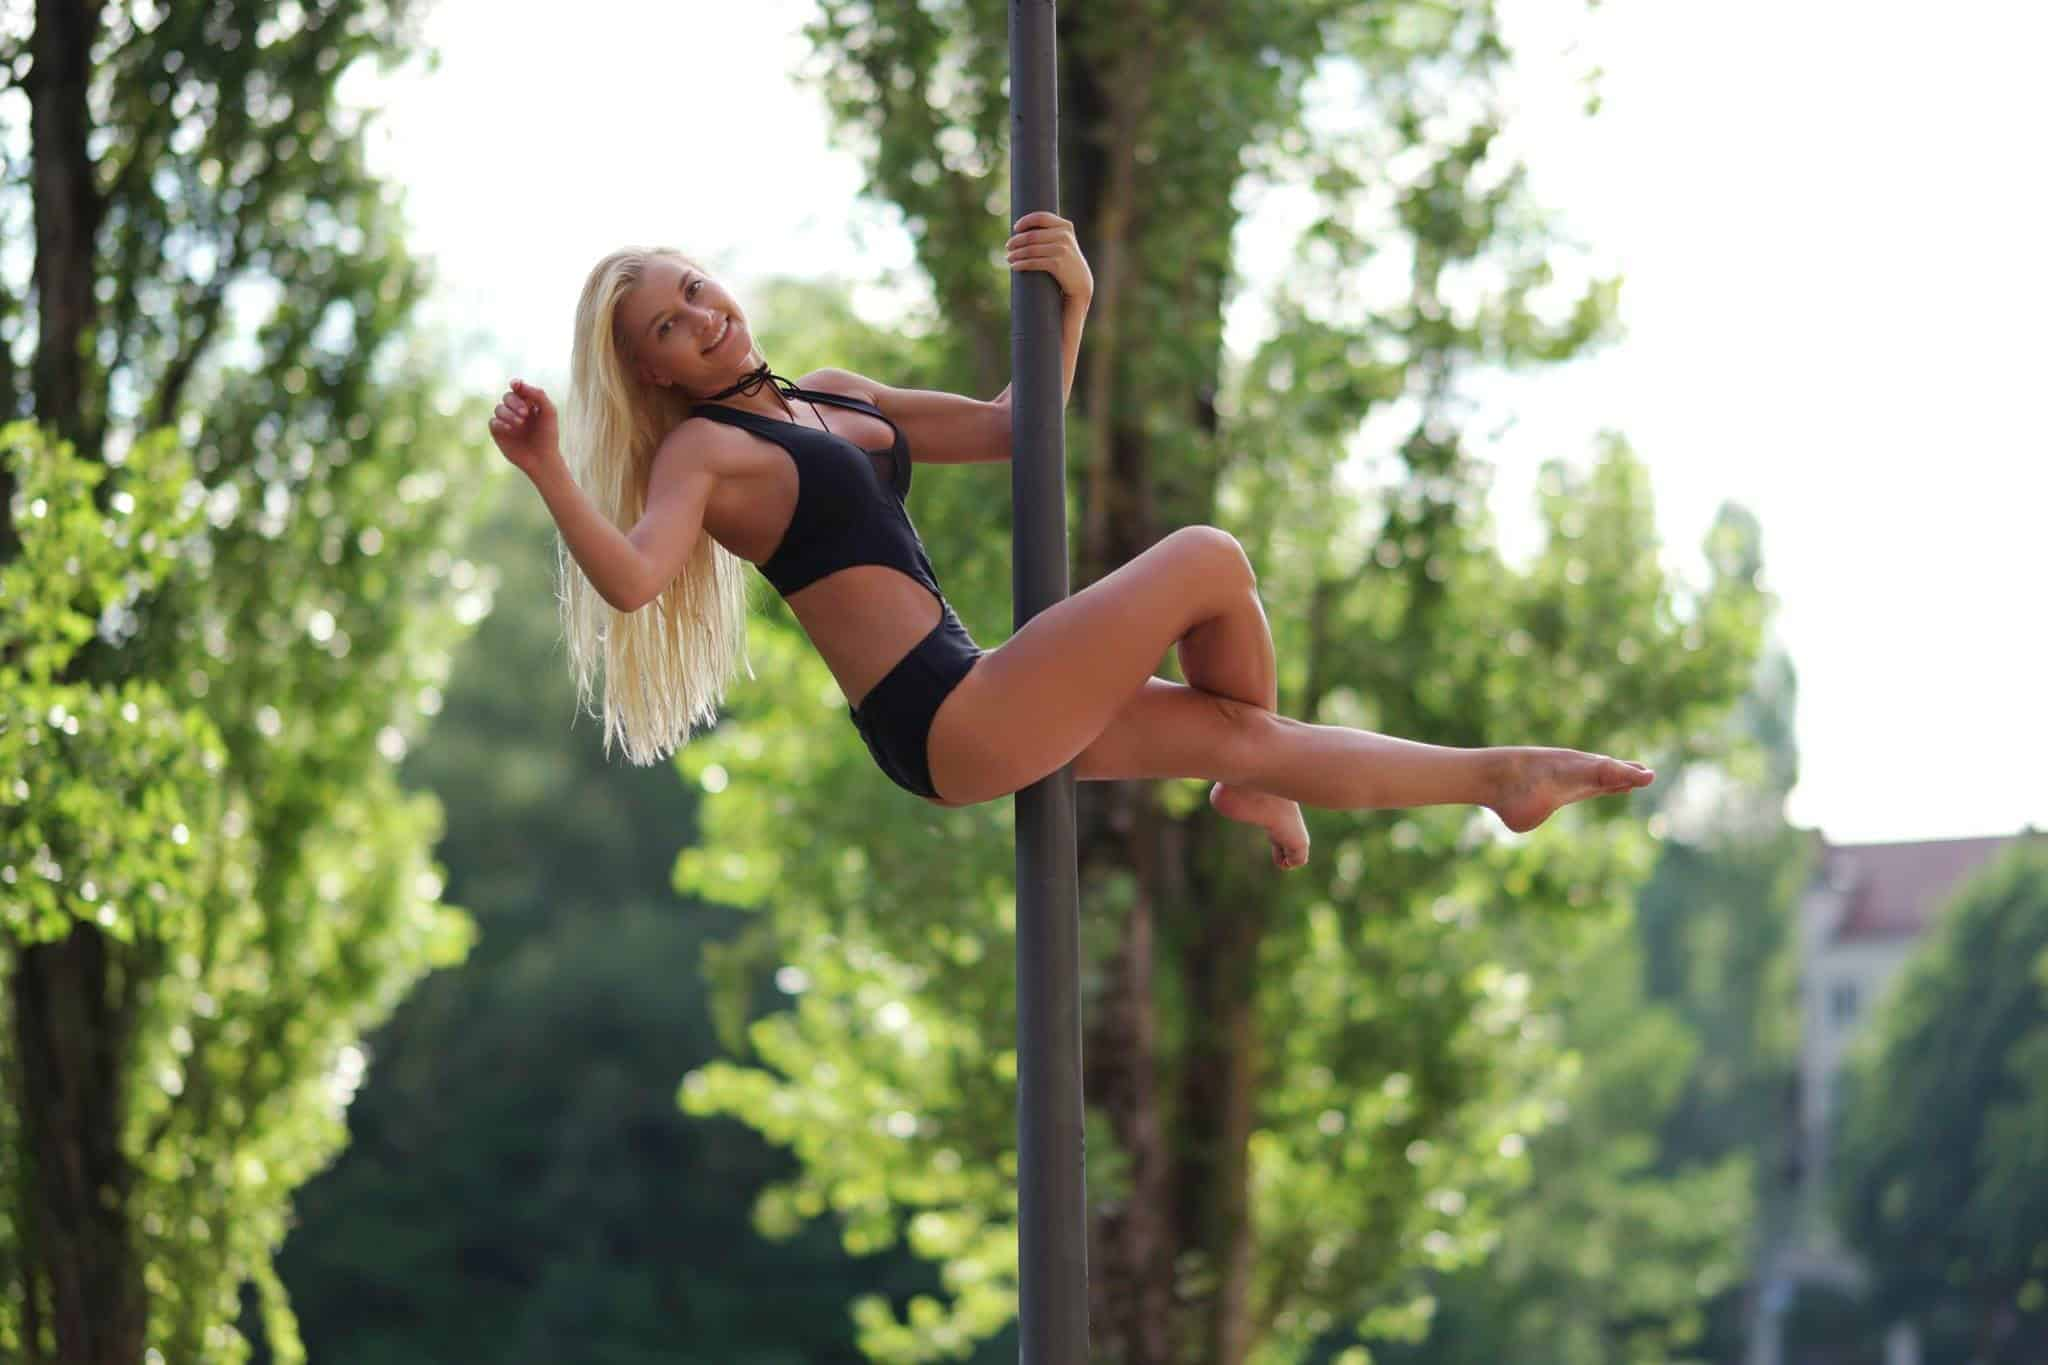 Poledance Kleidung: Test & Empfehlungen (09/20)